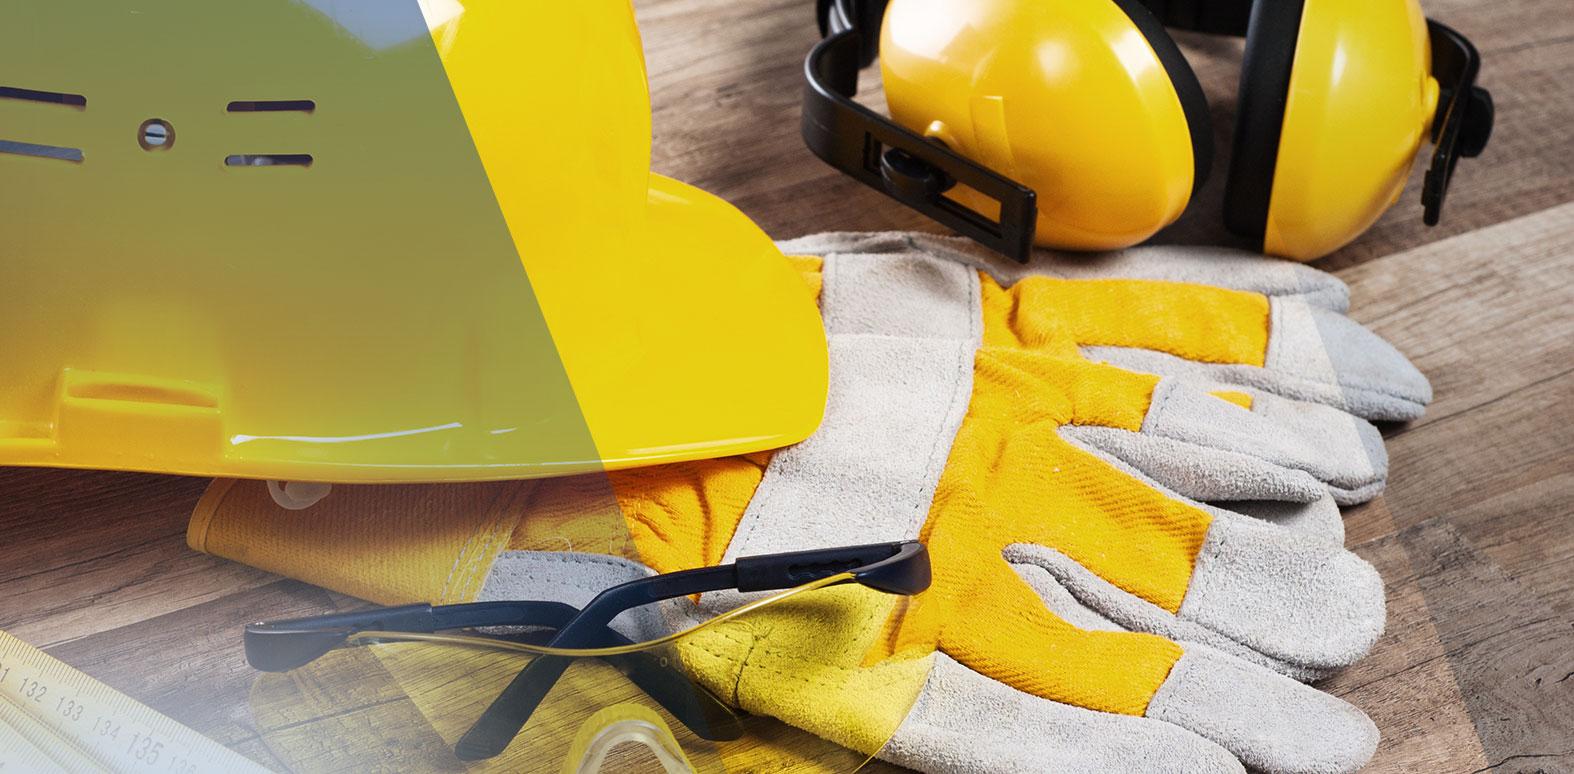 Qualitäts-Arbeitsschutz